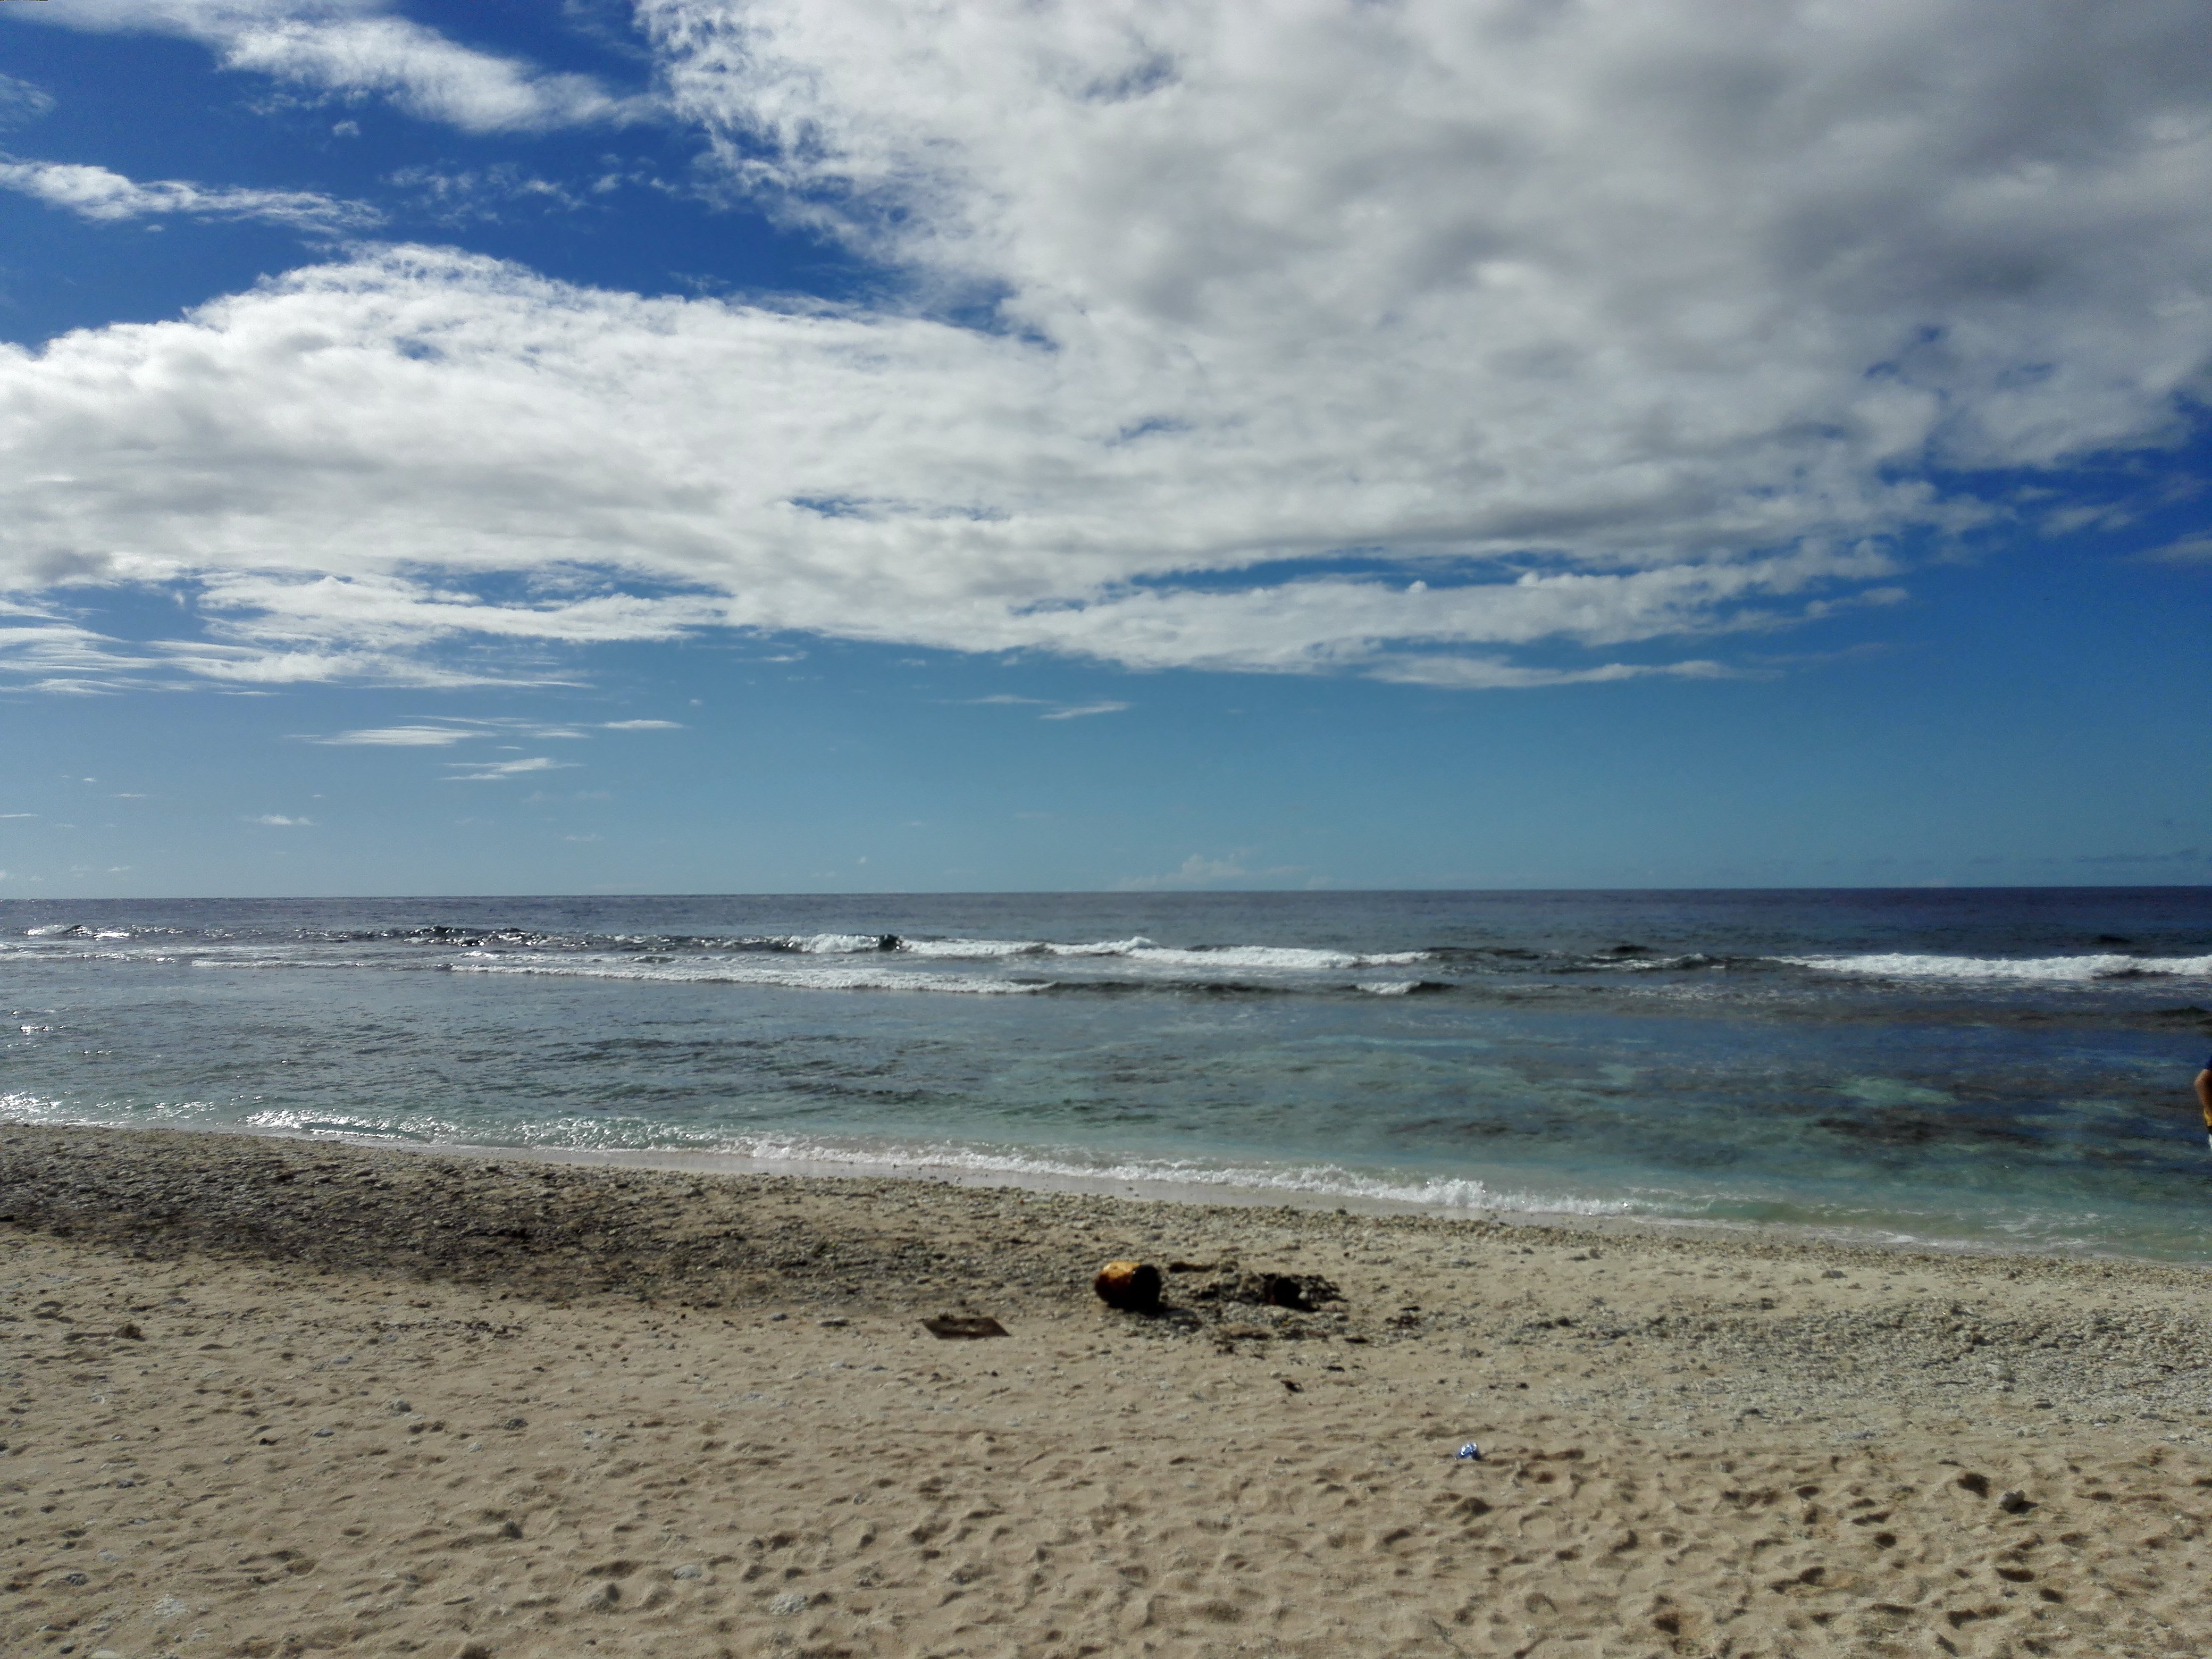 拉德海灘(跑男海灘)  Ladder Beach   -3